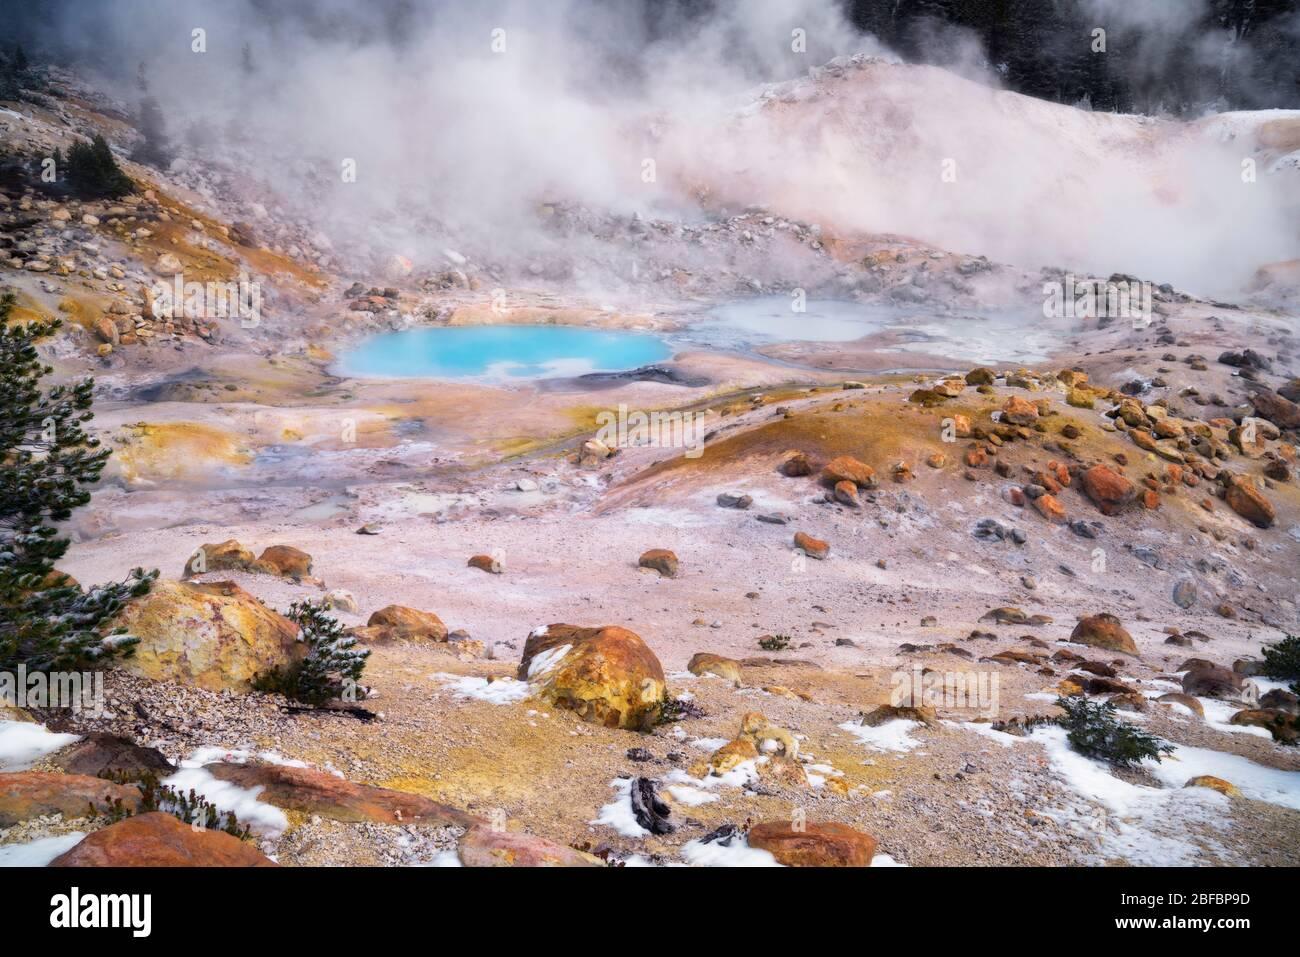 La vapeur s'élève de la piscine turquoise et des nombreuses caractéristiques géothermiques que l'on trouve à Bumpass Hell dans le parc national volcanique de Lassen en Californie. Banque D'Images